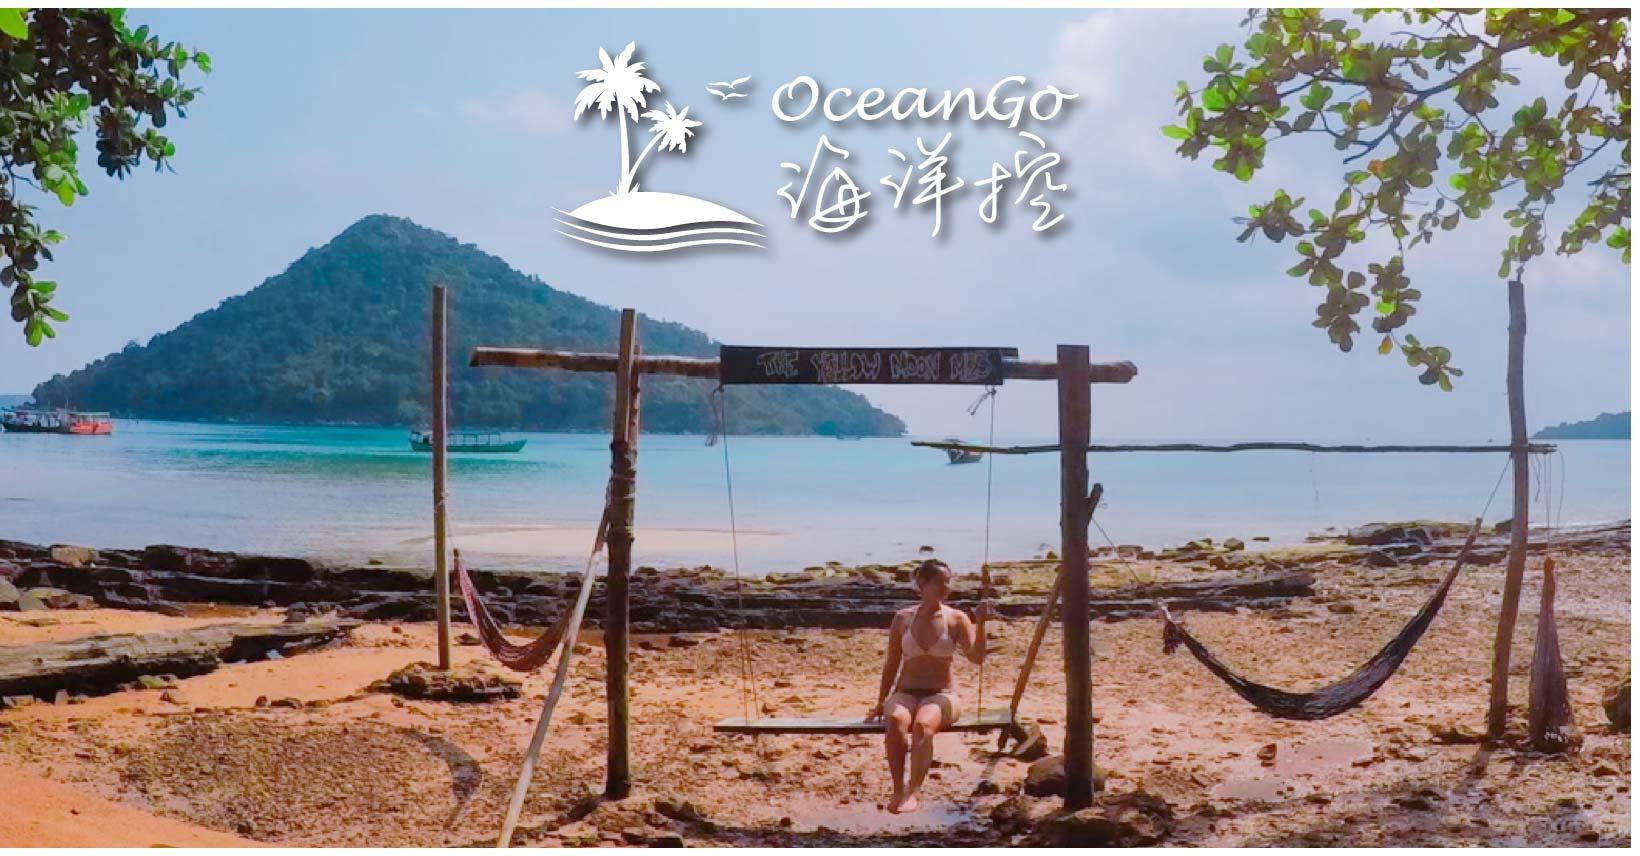 OceanGo 海洋控